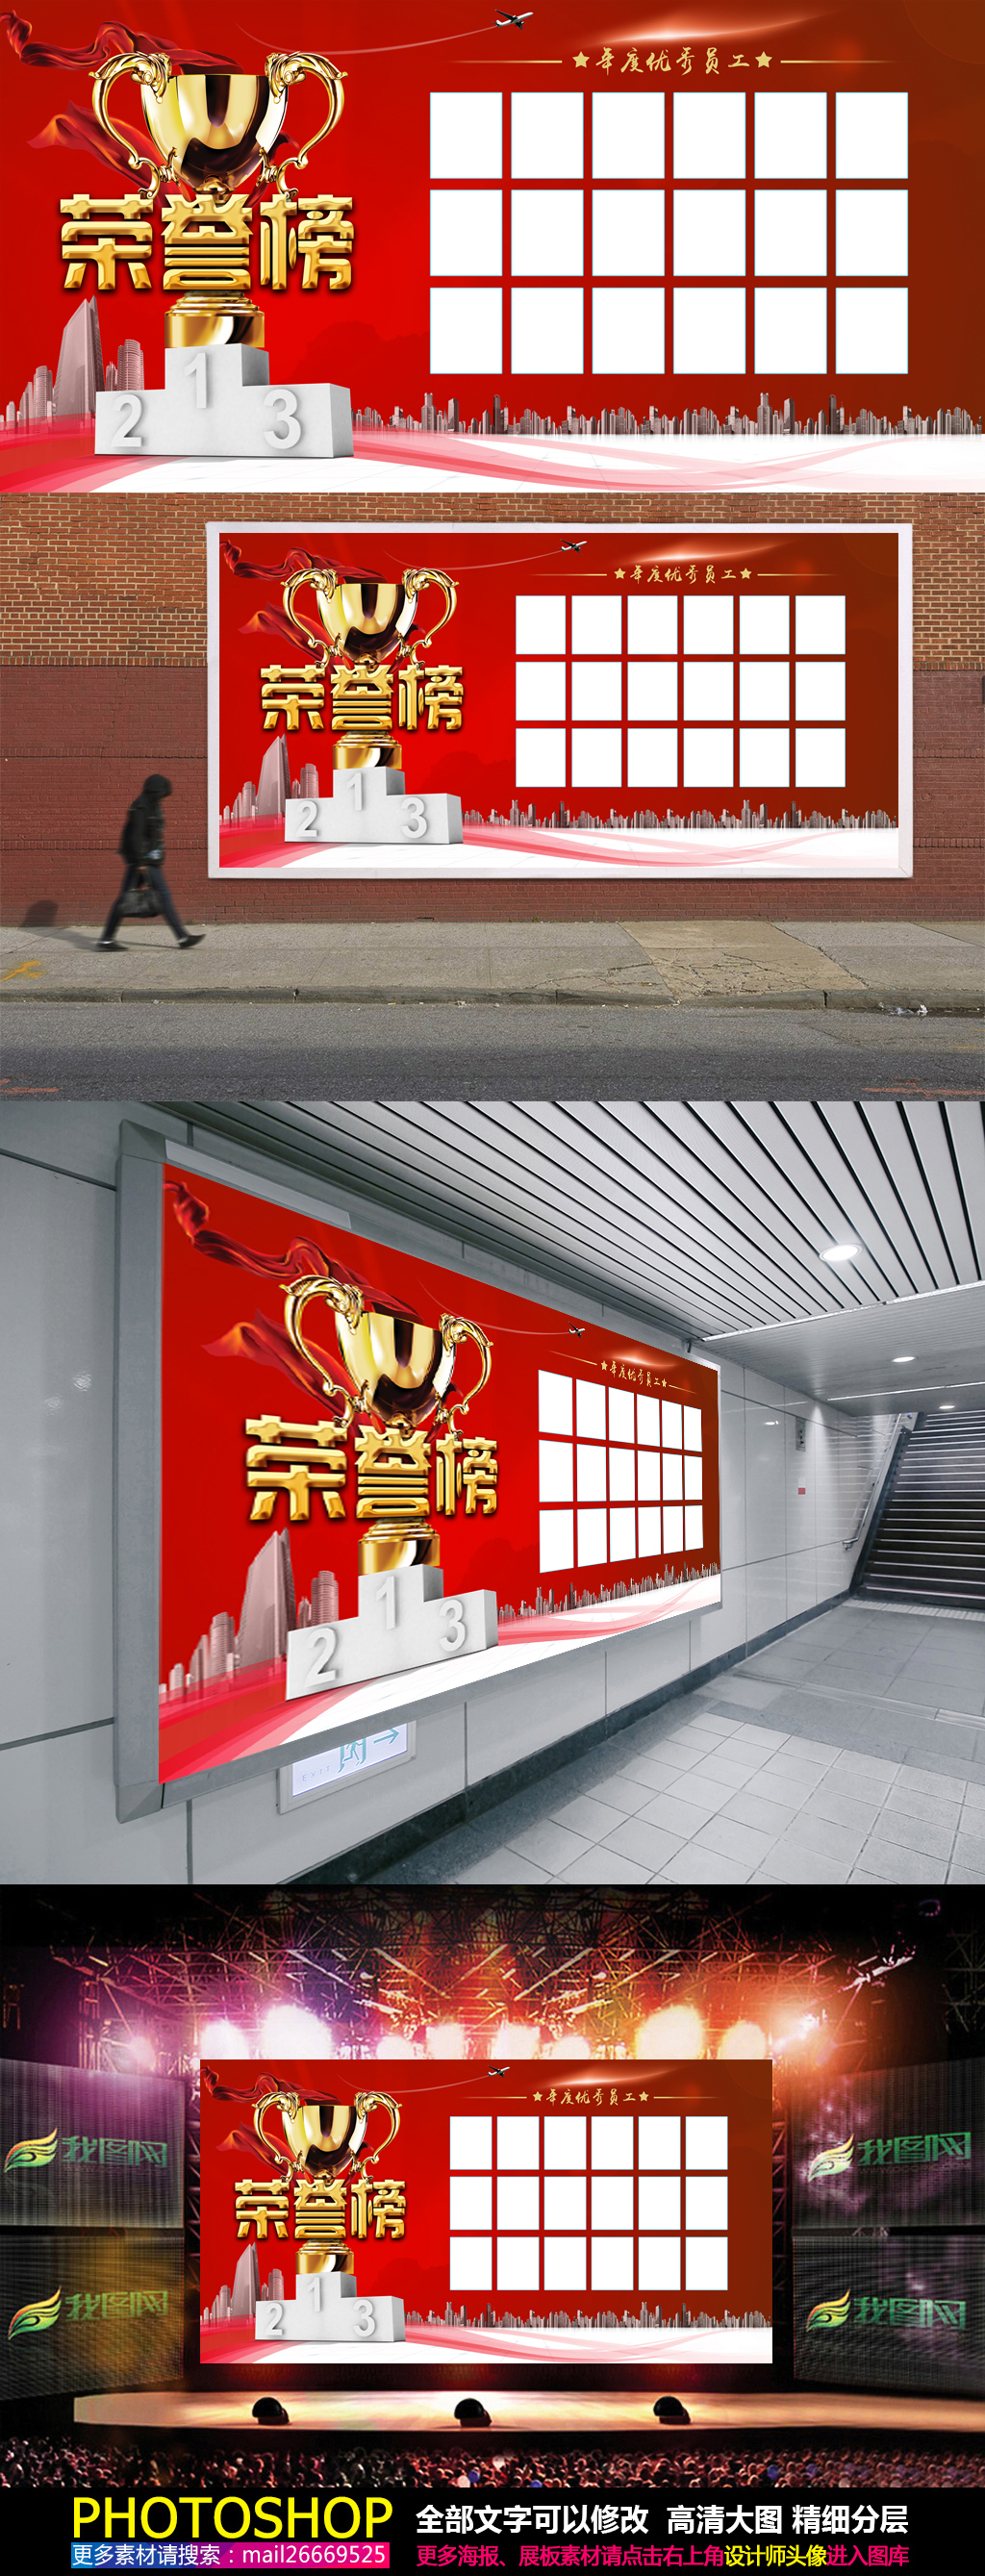 荣誉榜光荣榜员工杰出海报模板下载(图片编号:)_海报